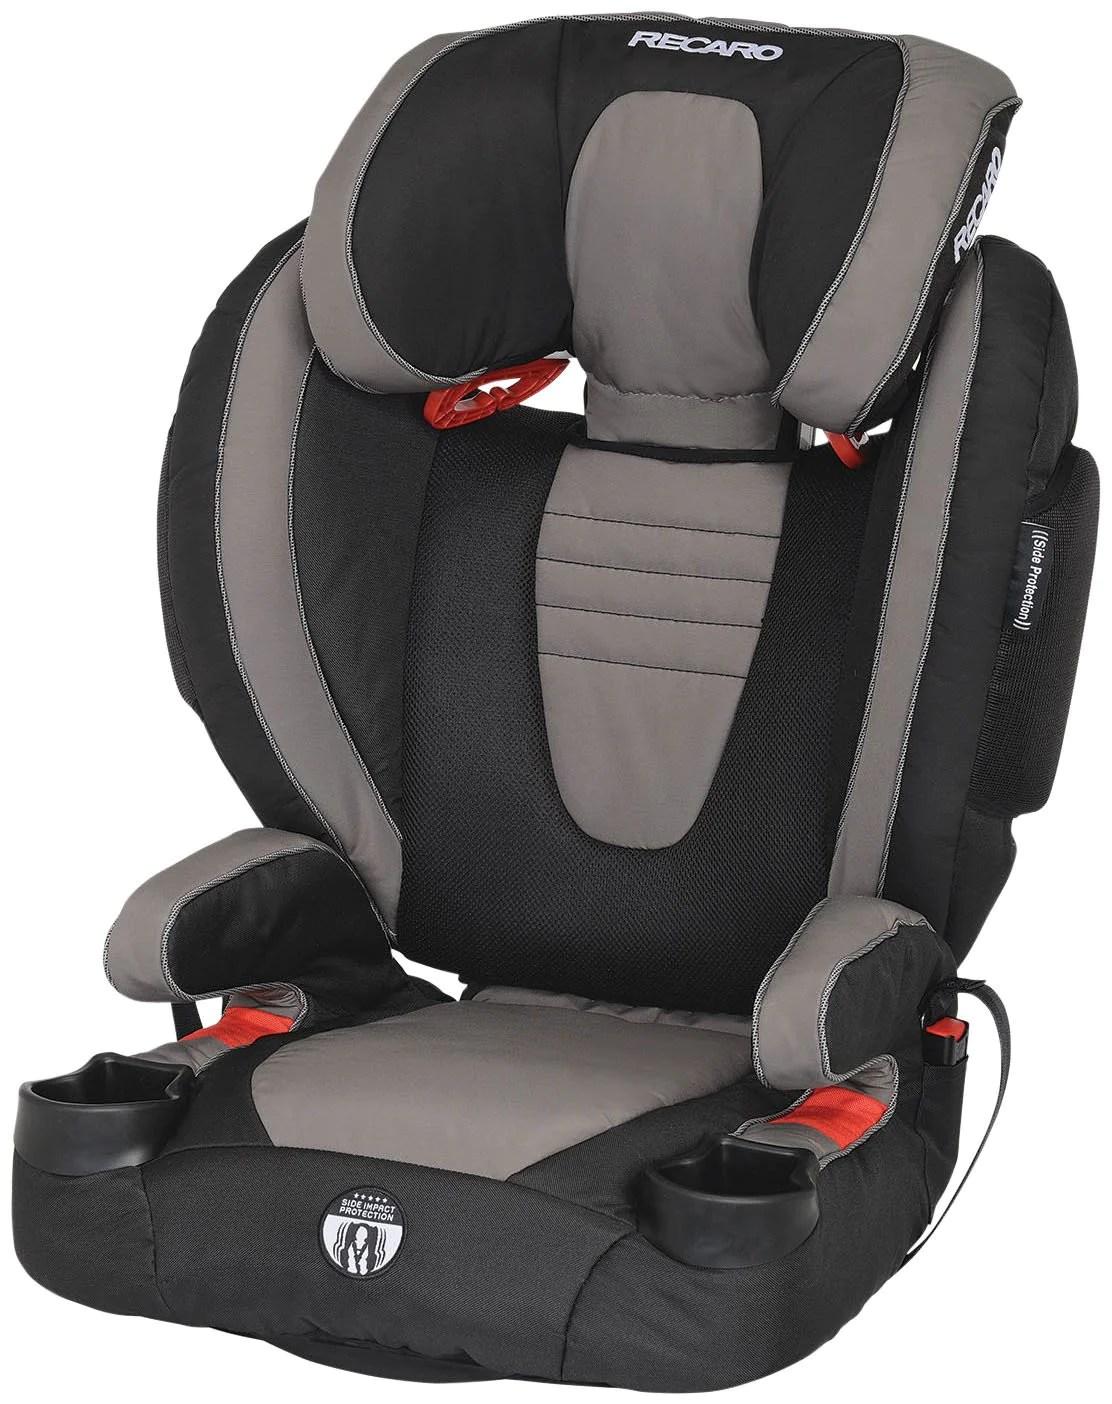 Supple Recaro Booster Seat Back Petite Travelers Nantucket Recaro Baby Seat Ebay Recaro Baby Seat Review Back Recaro Booster Seat baby Recaro Baby Seat